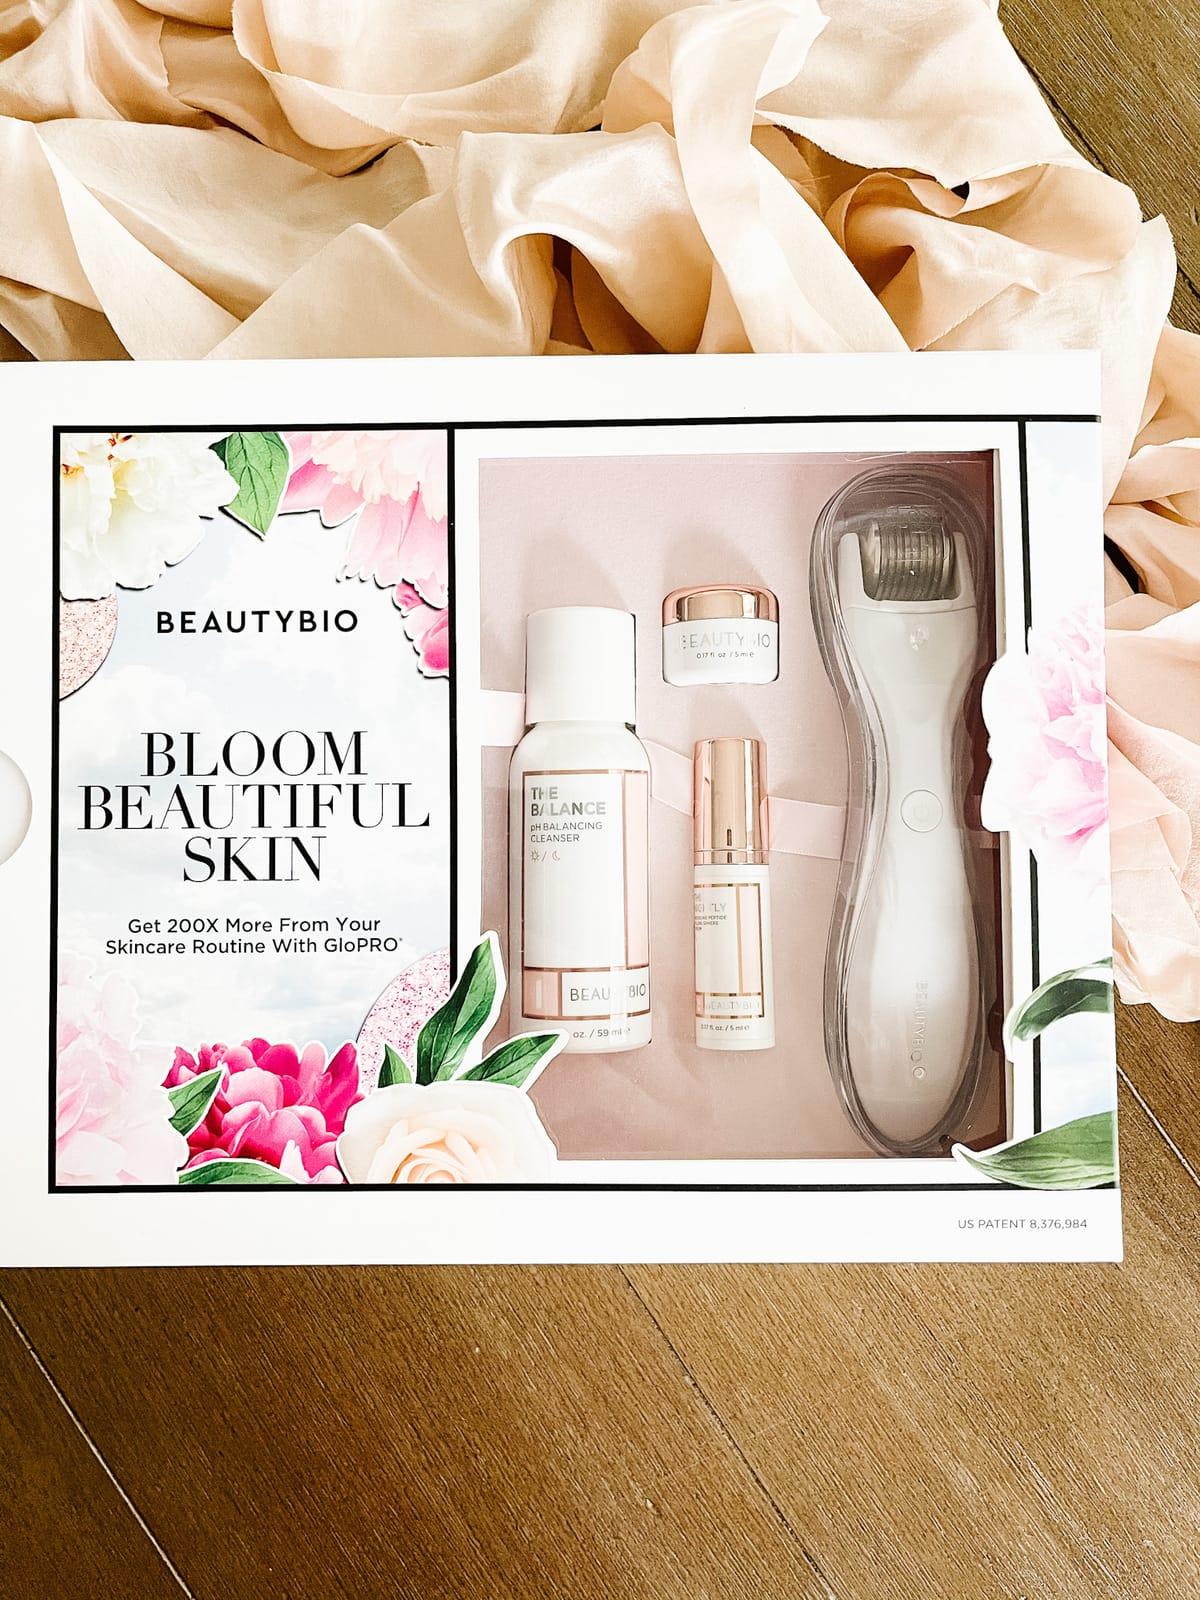 GloPRO beauty bio deal HSN